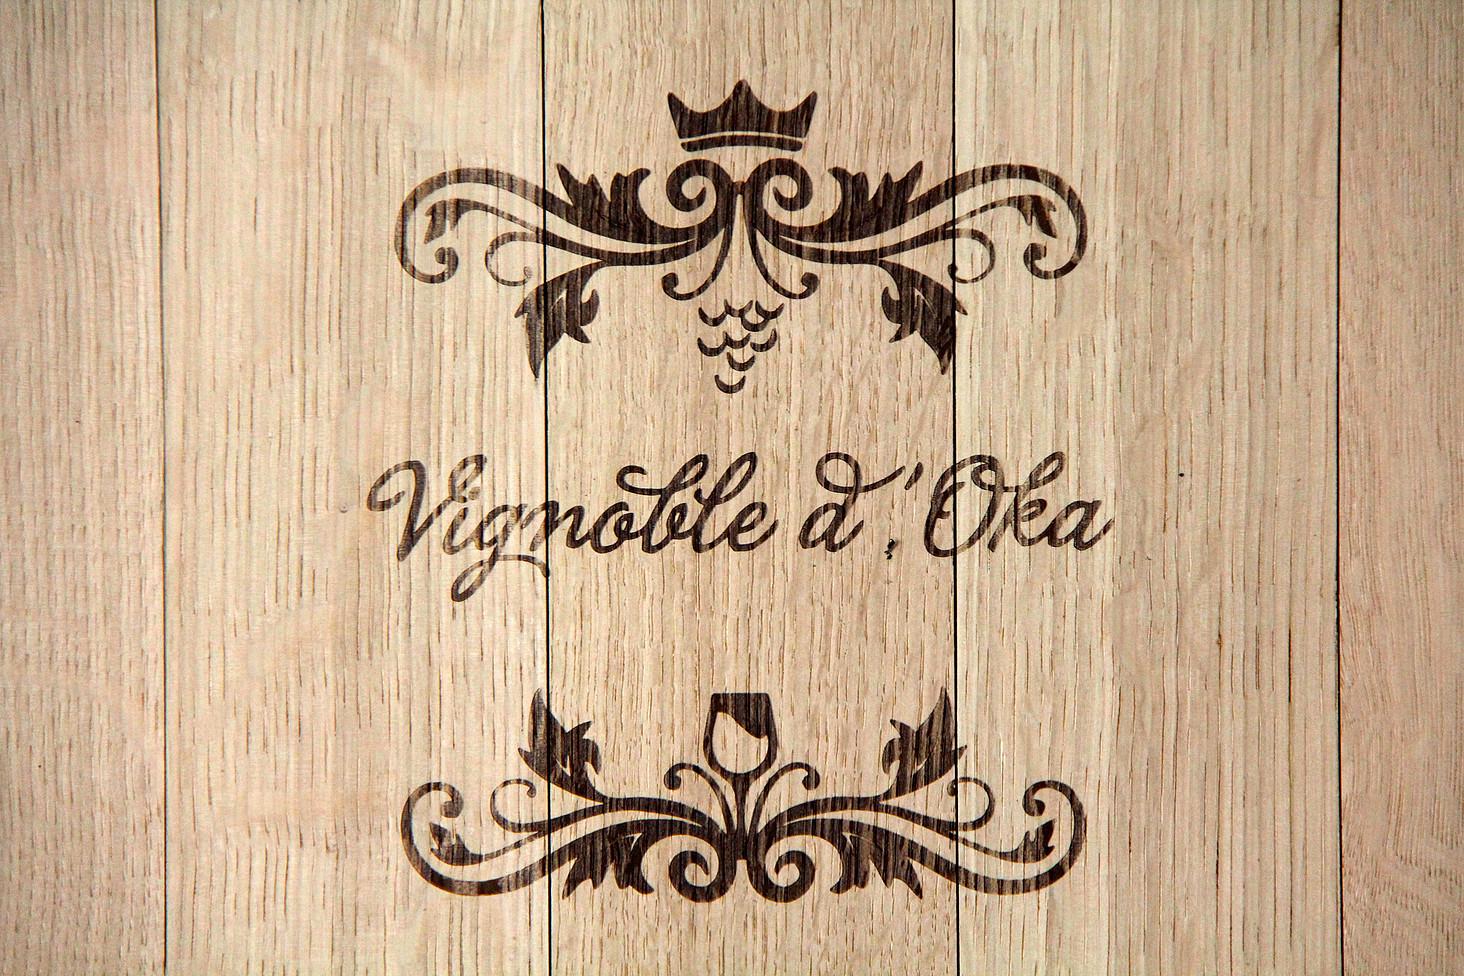 Vignoble d'Oka